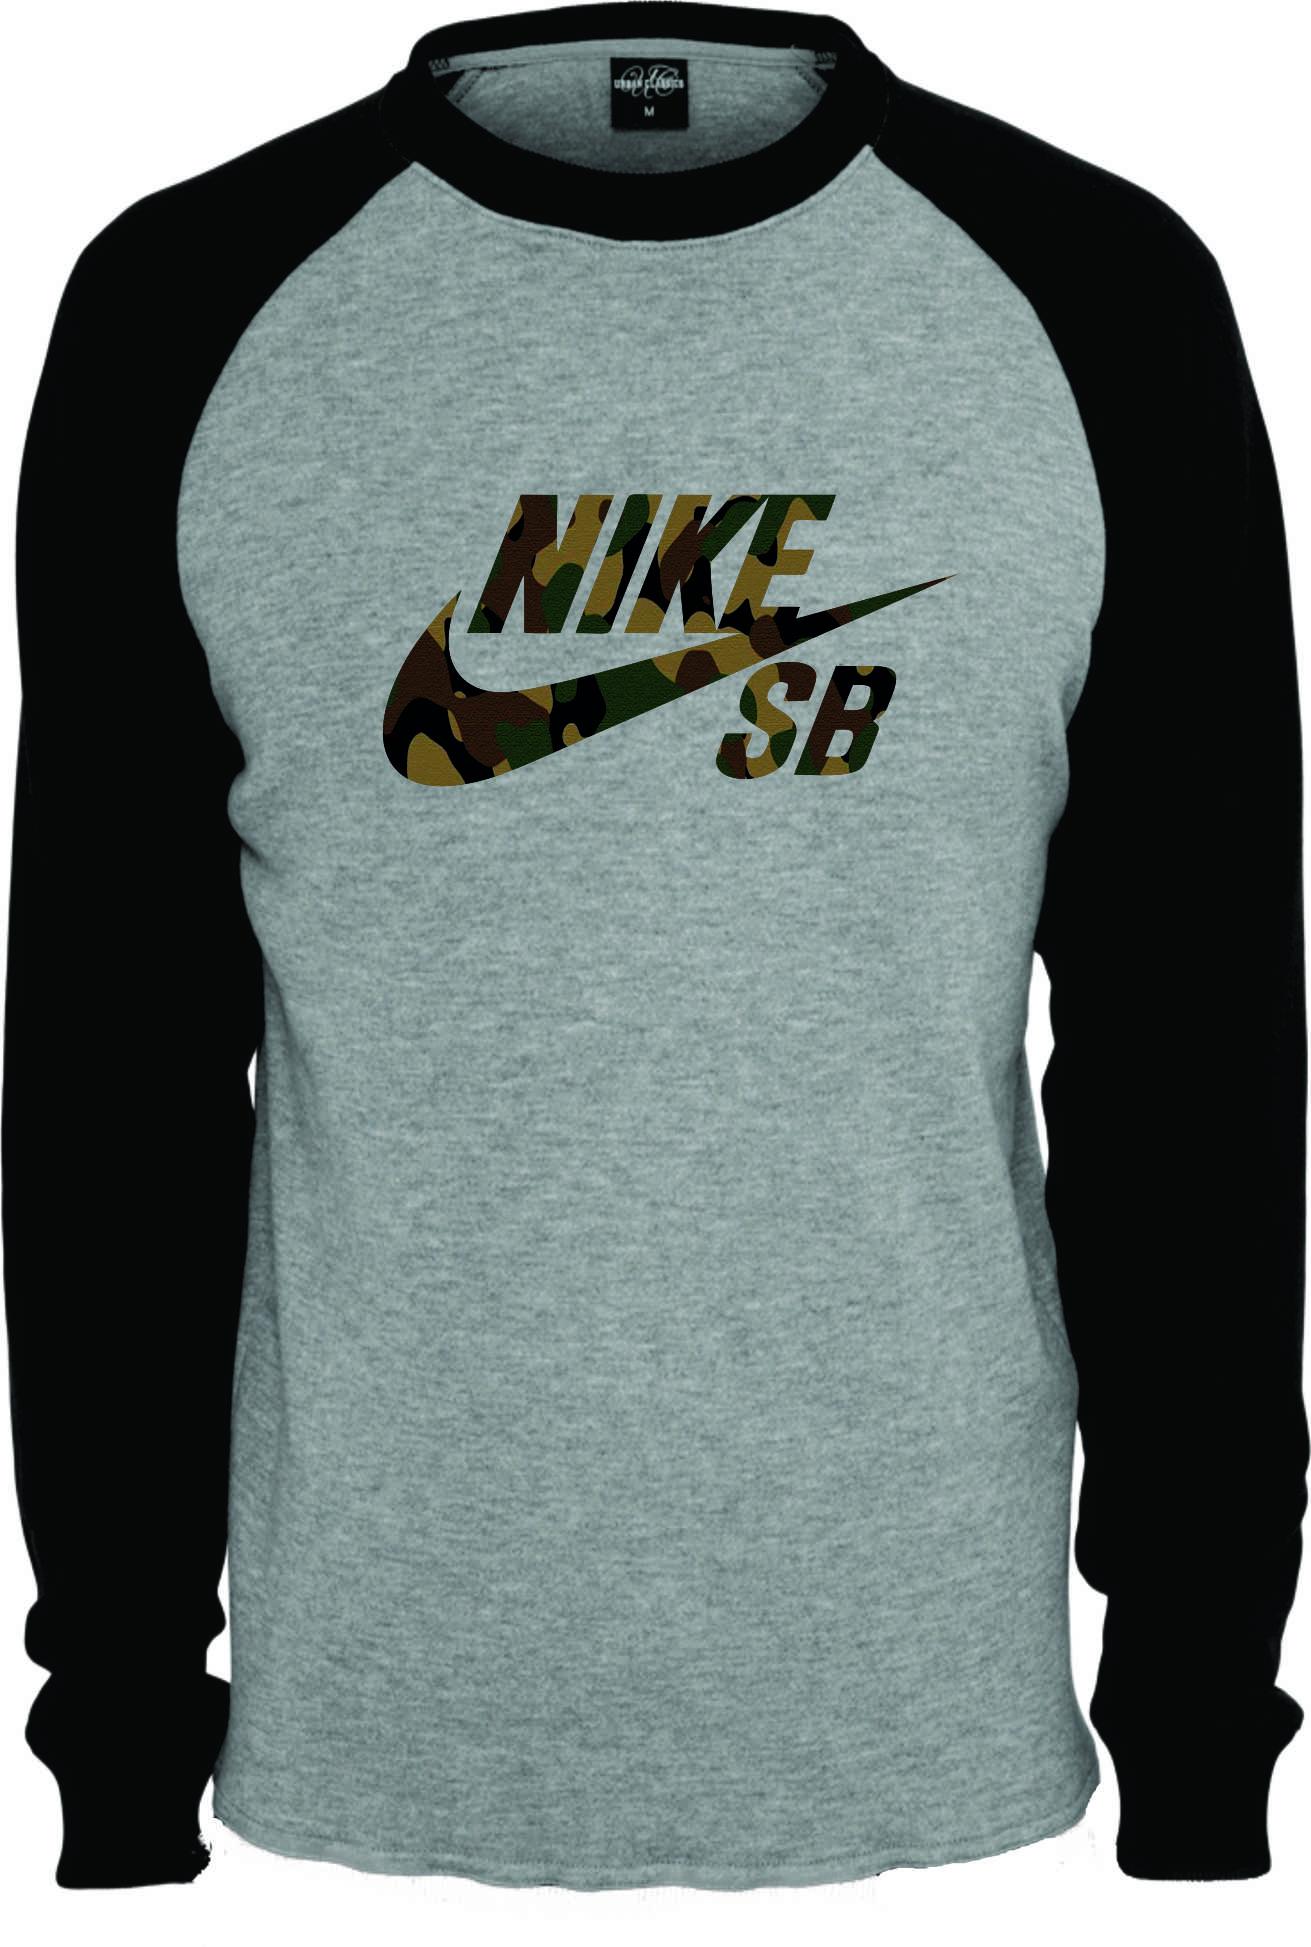 f80e8feff4 Camiseta Raglan Manga Longa Nike no Elo7